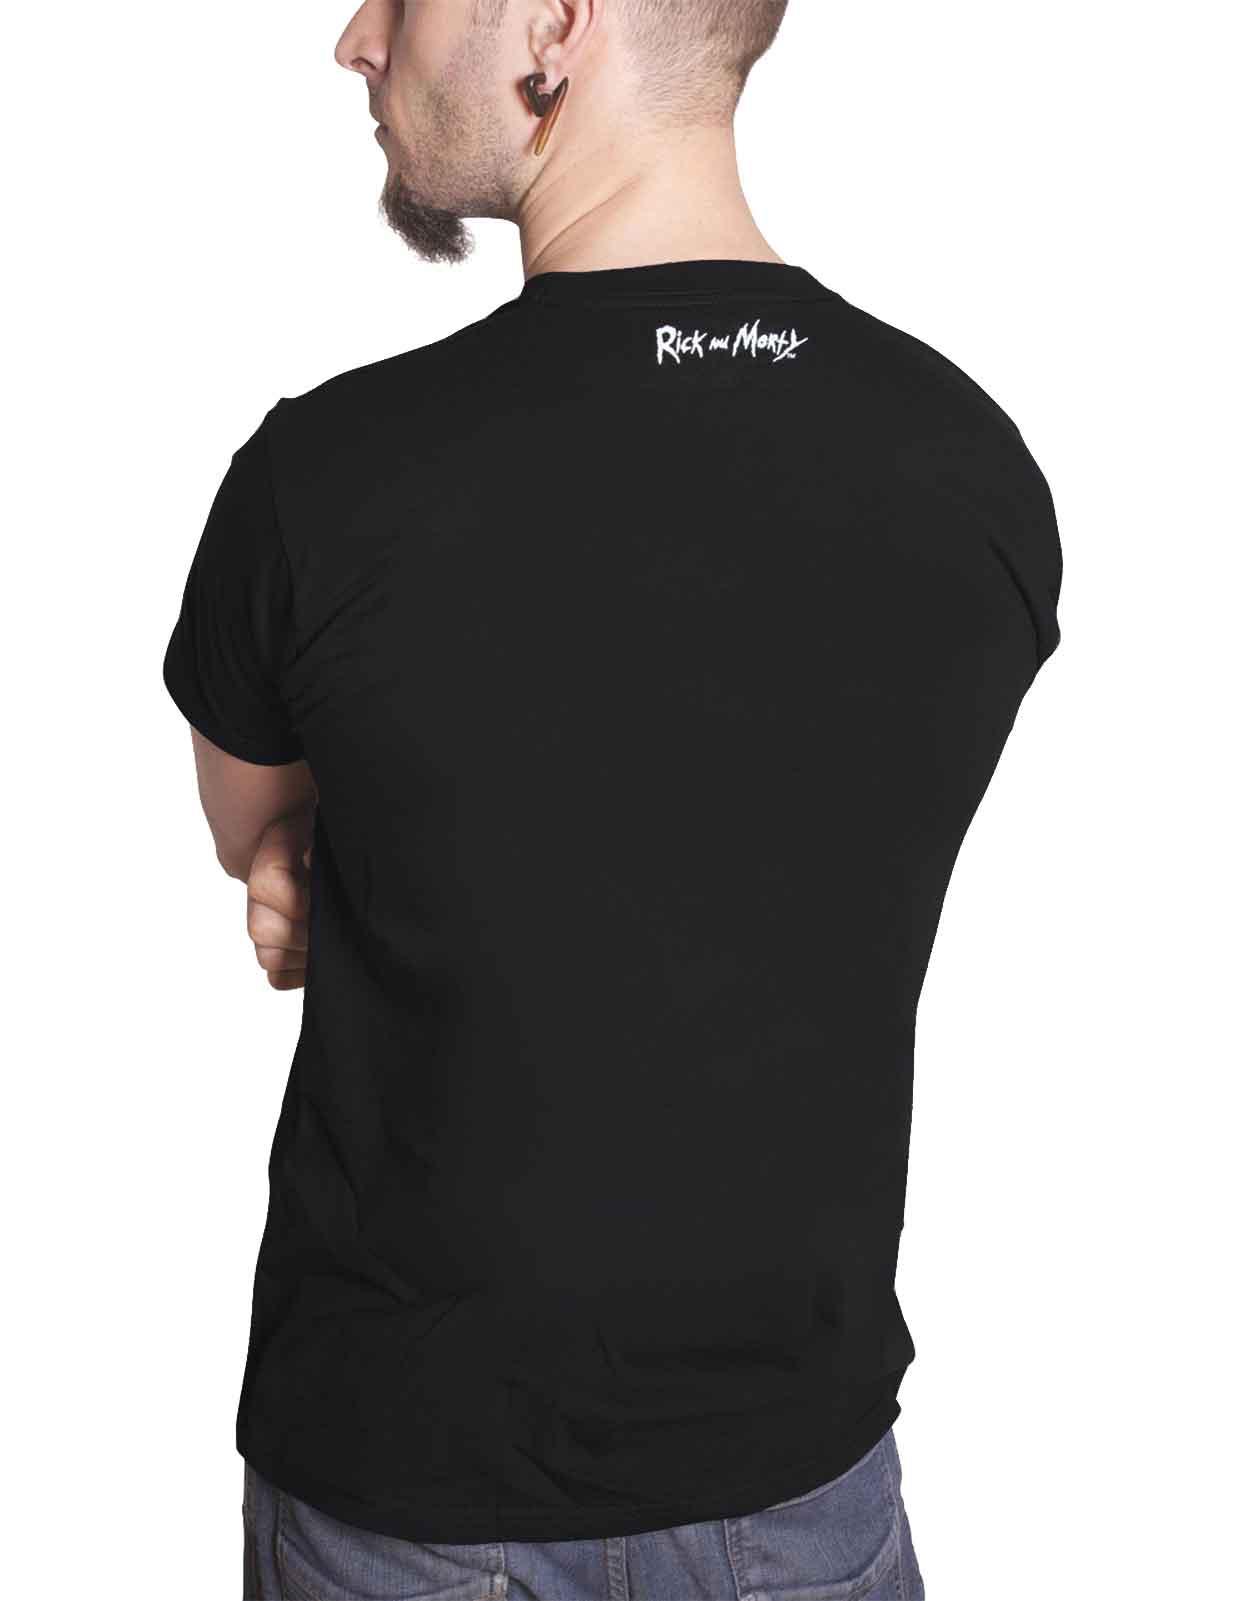 Rick-and-Morty-T-Shirt-Pickle-Rick-Portail-spirale-Wubba-Lubba-nouveau-officiel-Homme miniature 29